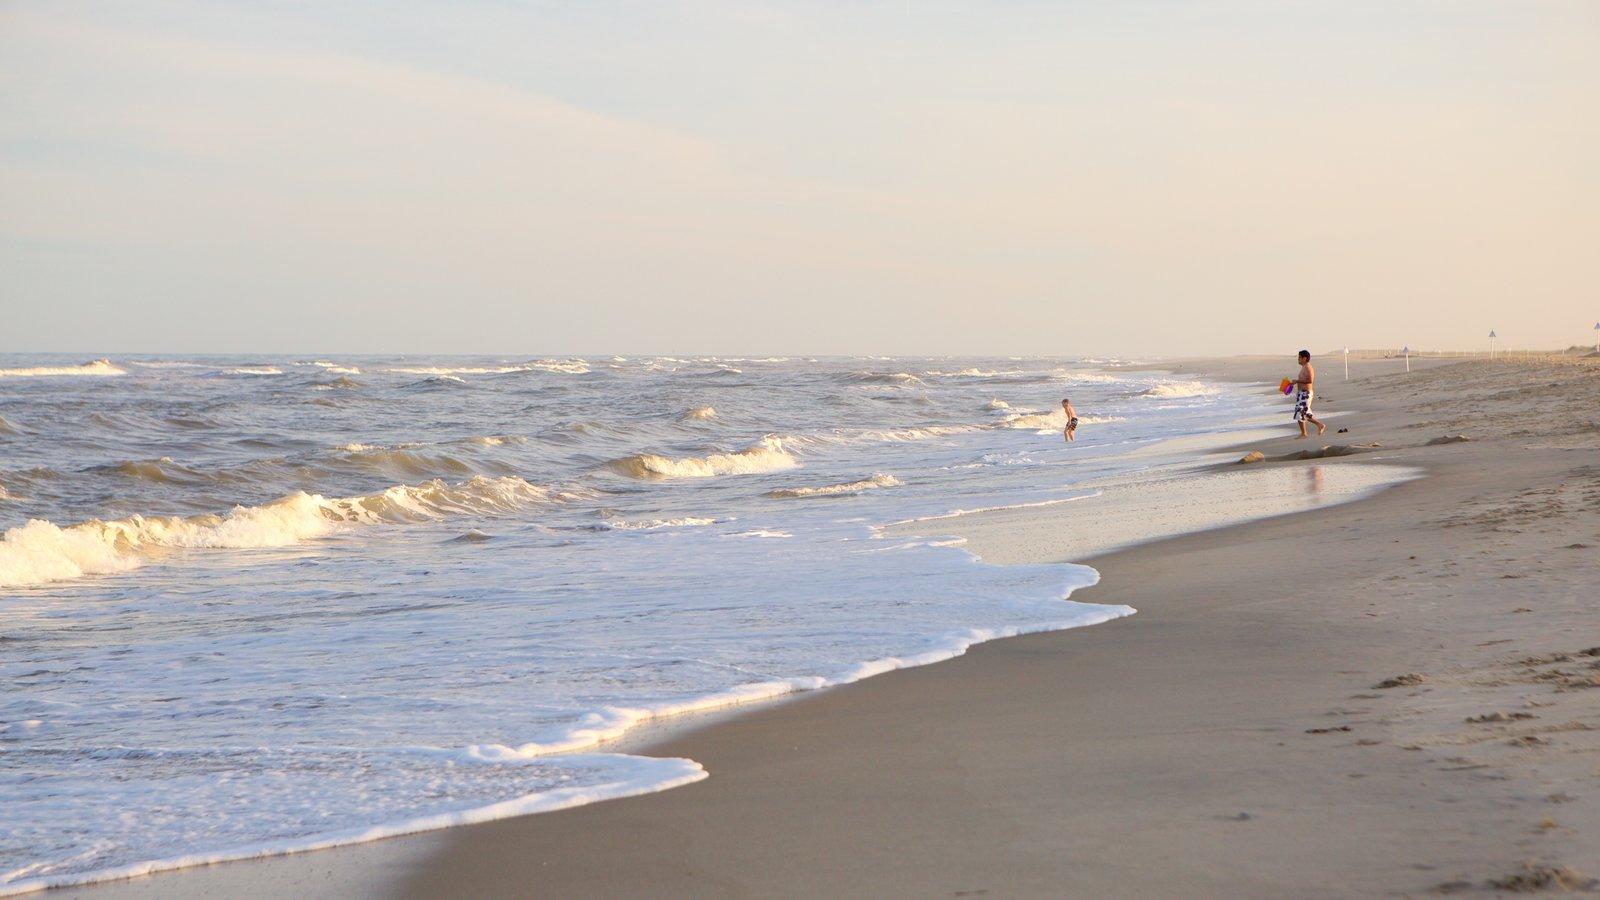 Chincoteague ofreciendo una playa y olas